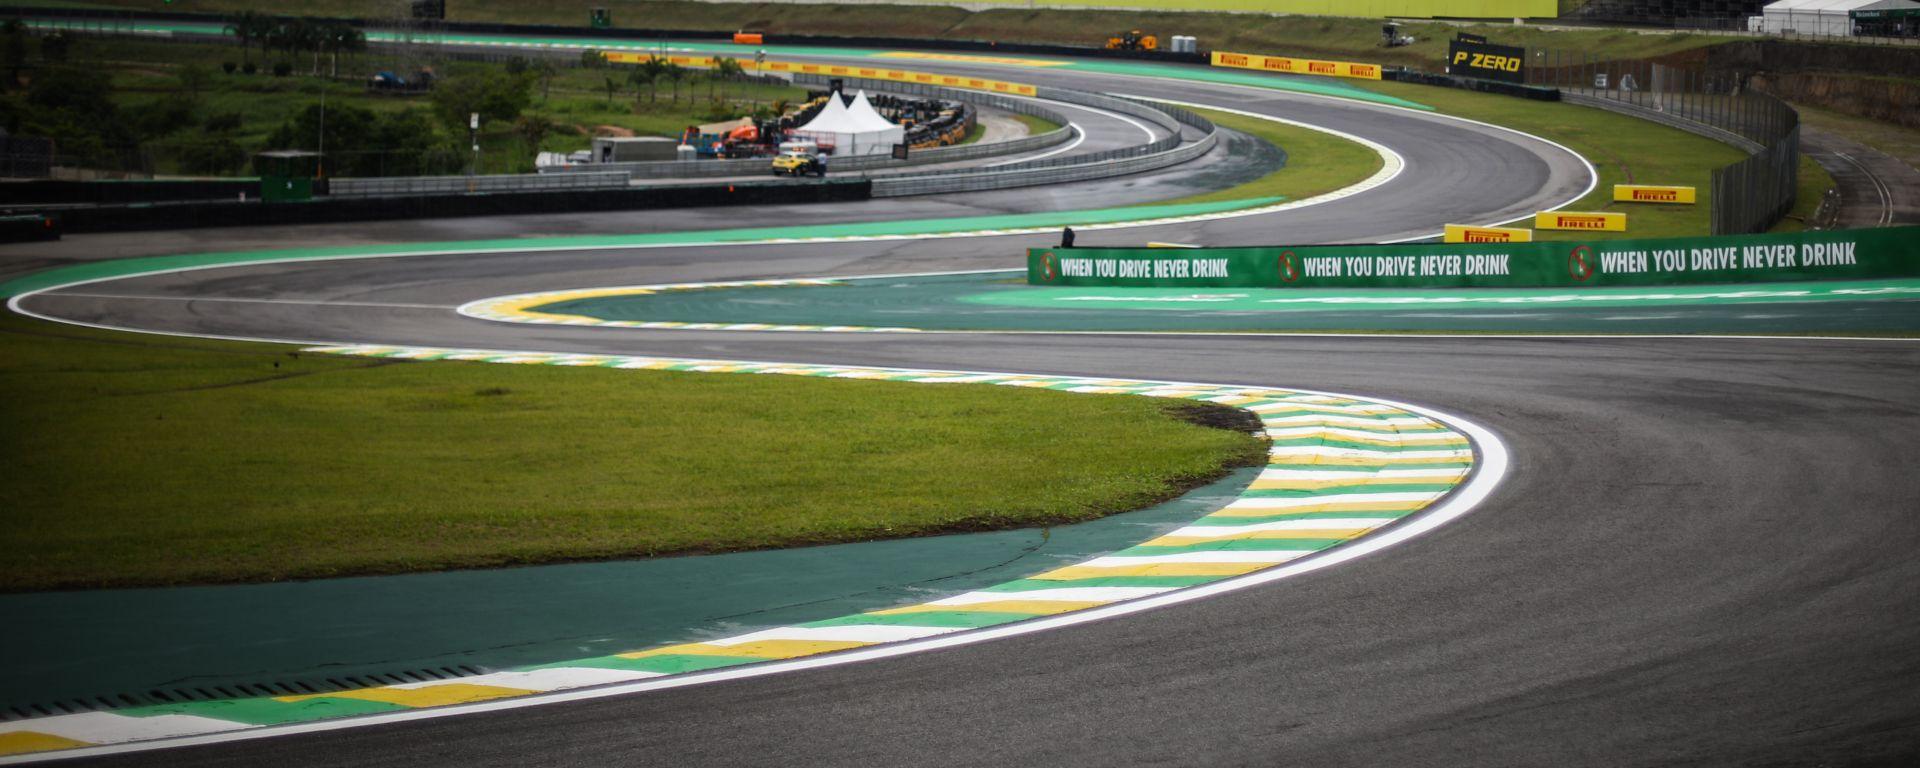 F1 GP Brasile 2019, Interlagos: atmosfera del circuito di San Paolo